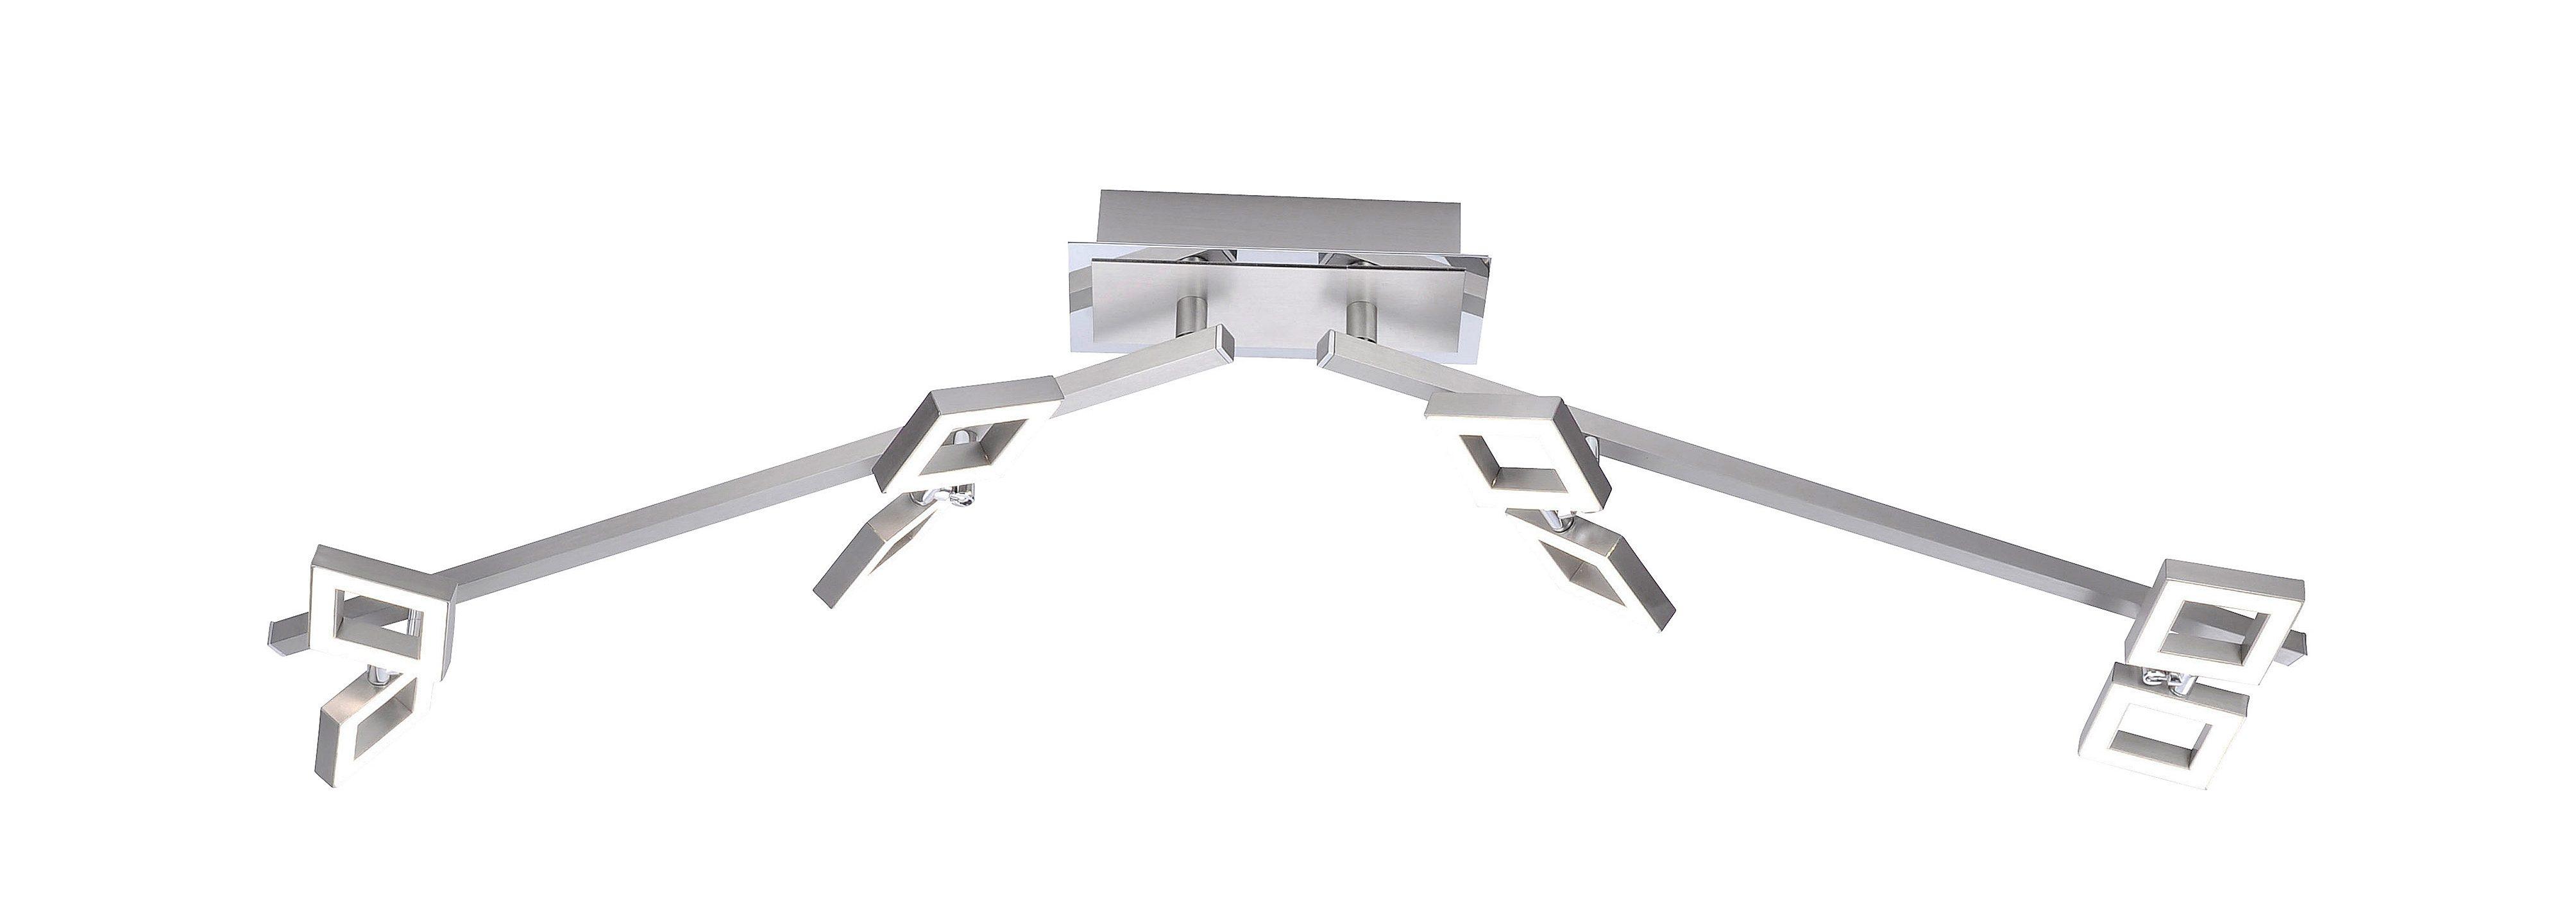 Paul Neuhaus Deckenleuchte TWINS, LED-Board, Warmweiß, inklusive festverbautem LED Leuchtmittel,Spots und Leuchtenarme schwenkbar, Dimmbar über externen Dimmer,3000 Kelvin